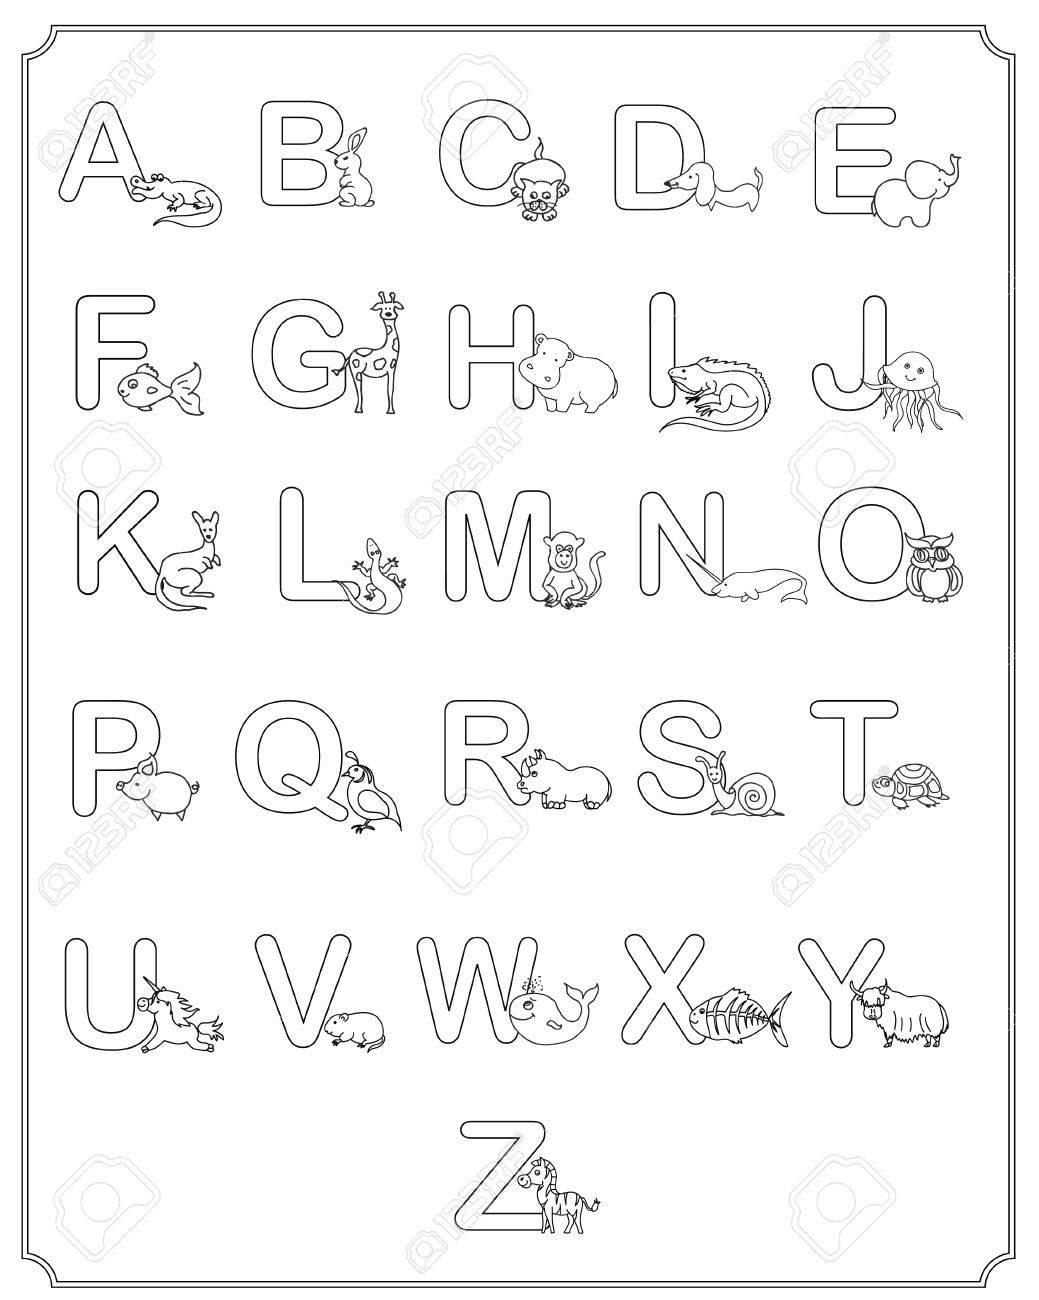 Coloriage Alphabet Francais.Coloriage Alphabet Bebe Animaux Abc Enfants Banque D Images Et